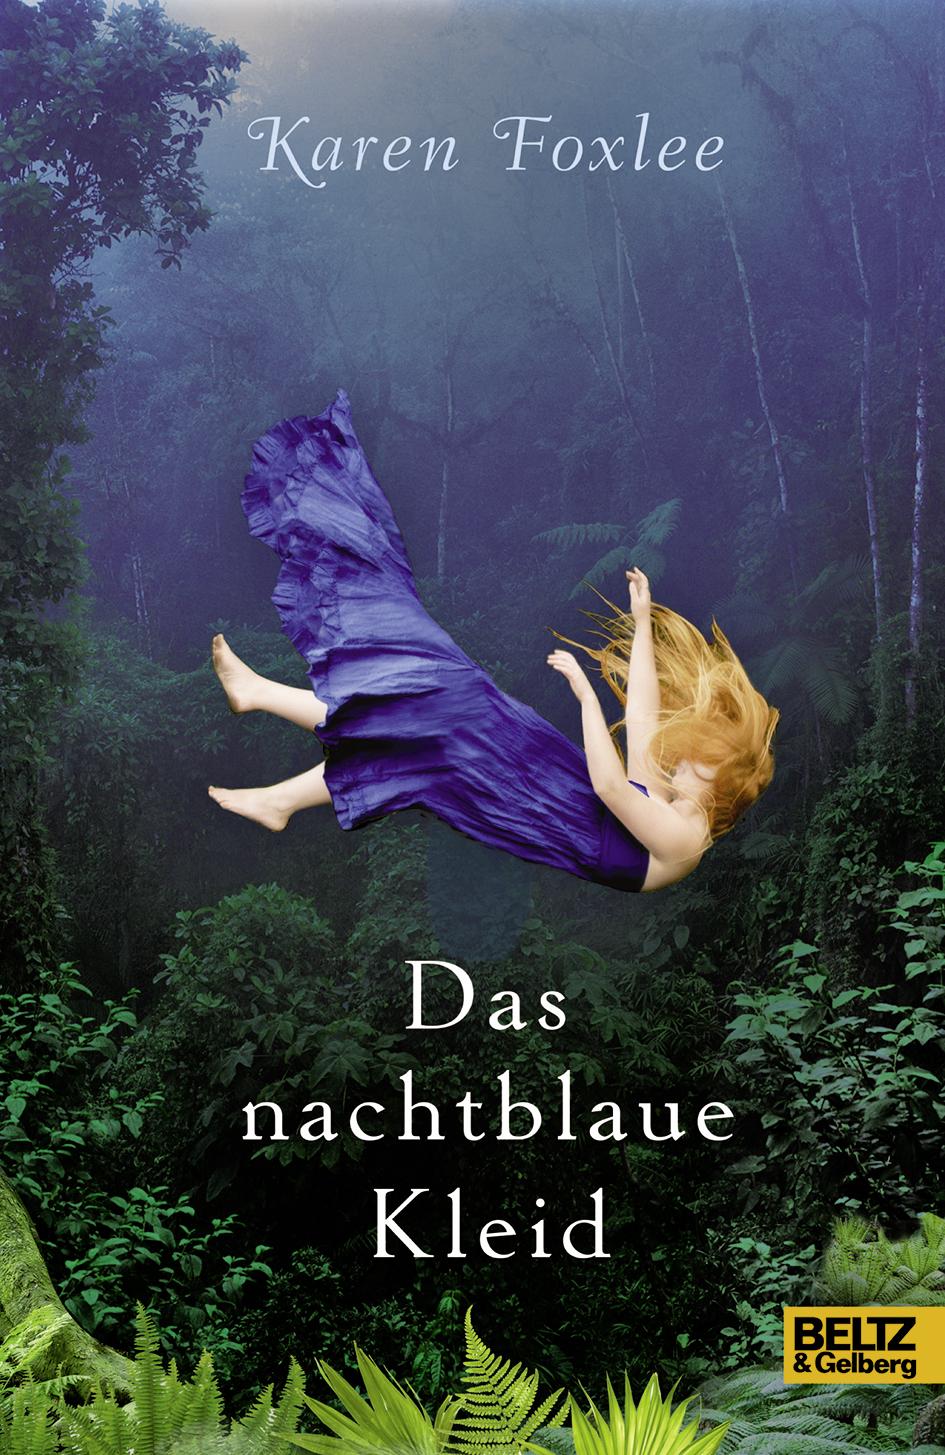 Das nachtblaue Kleid von Karen Foxlee